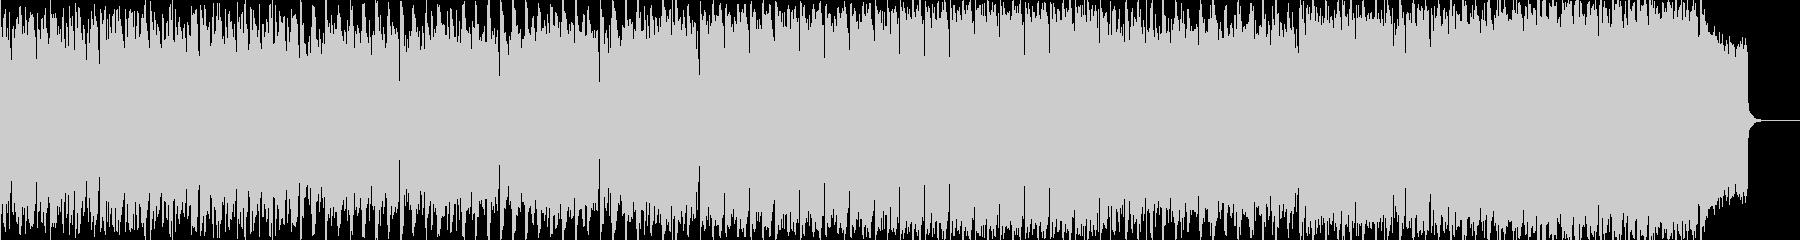 打楽器とフルート中心のBGMの未再生の波形